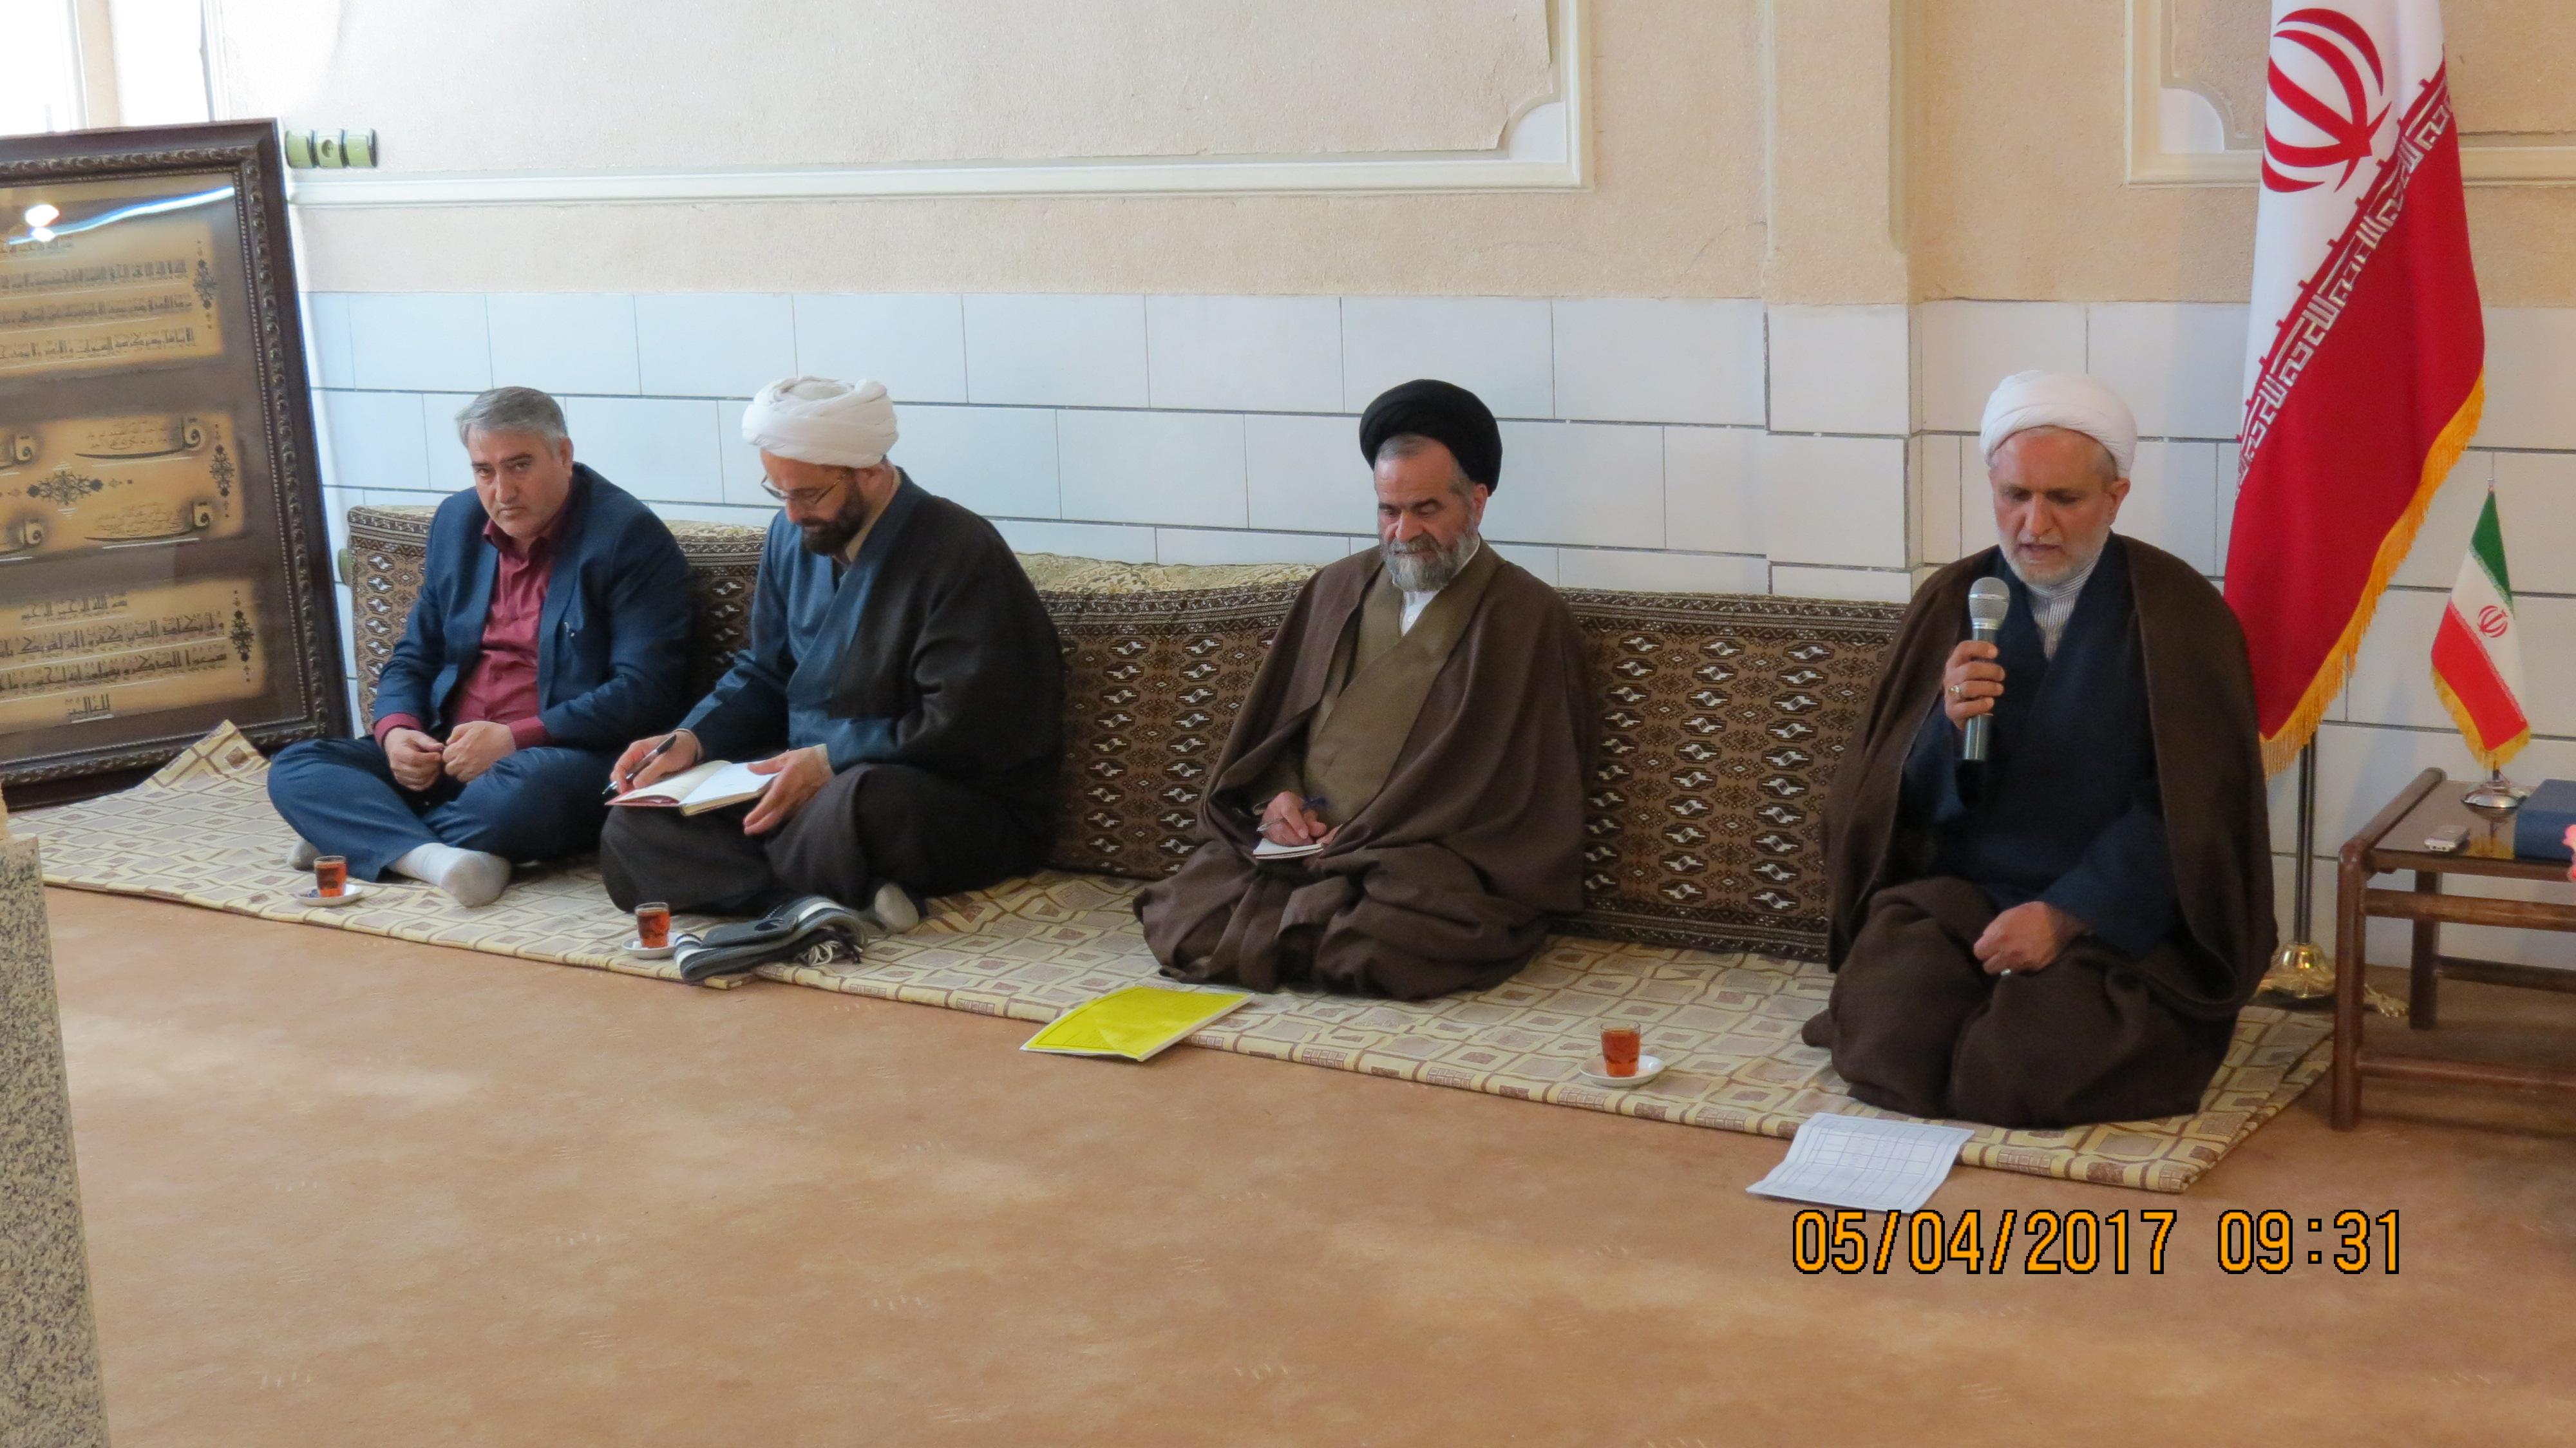 ستاد اعتکاف استان مرکزی